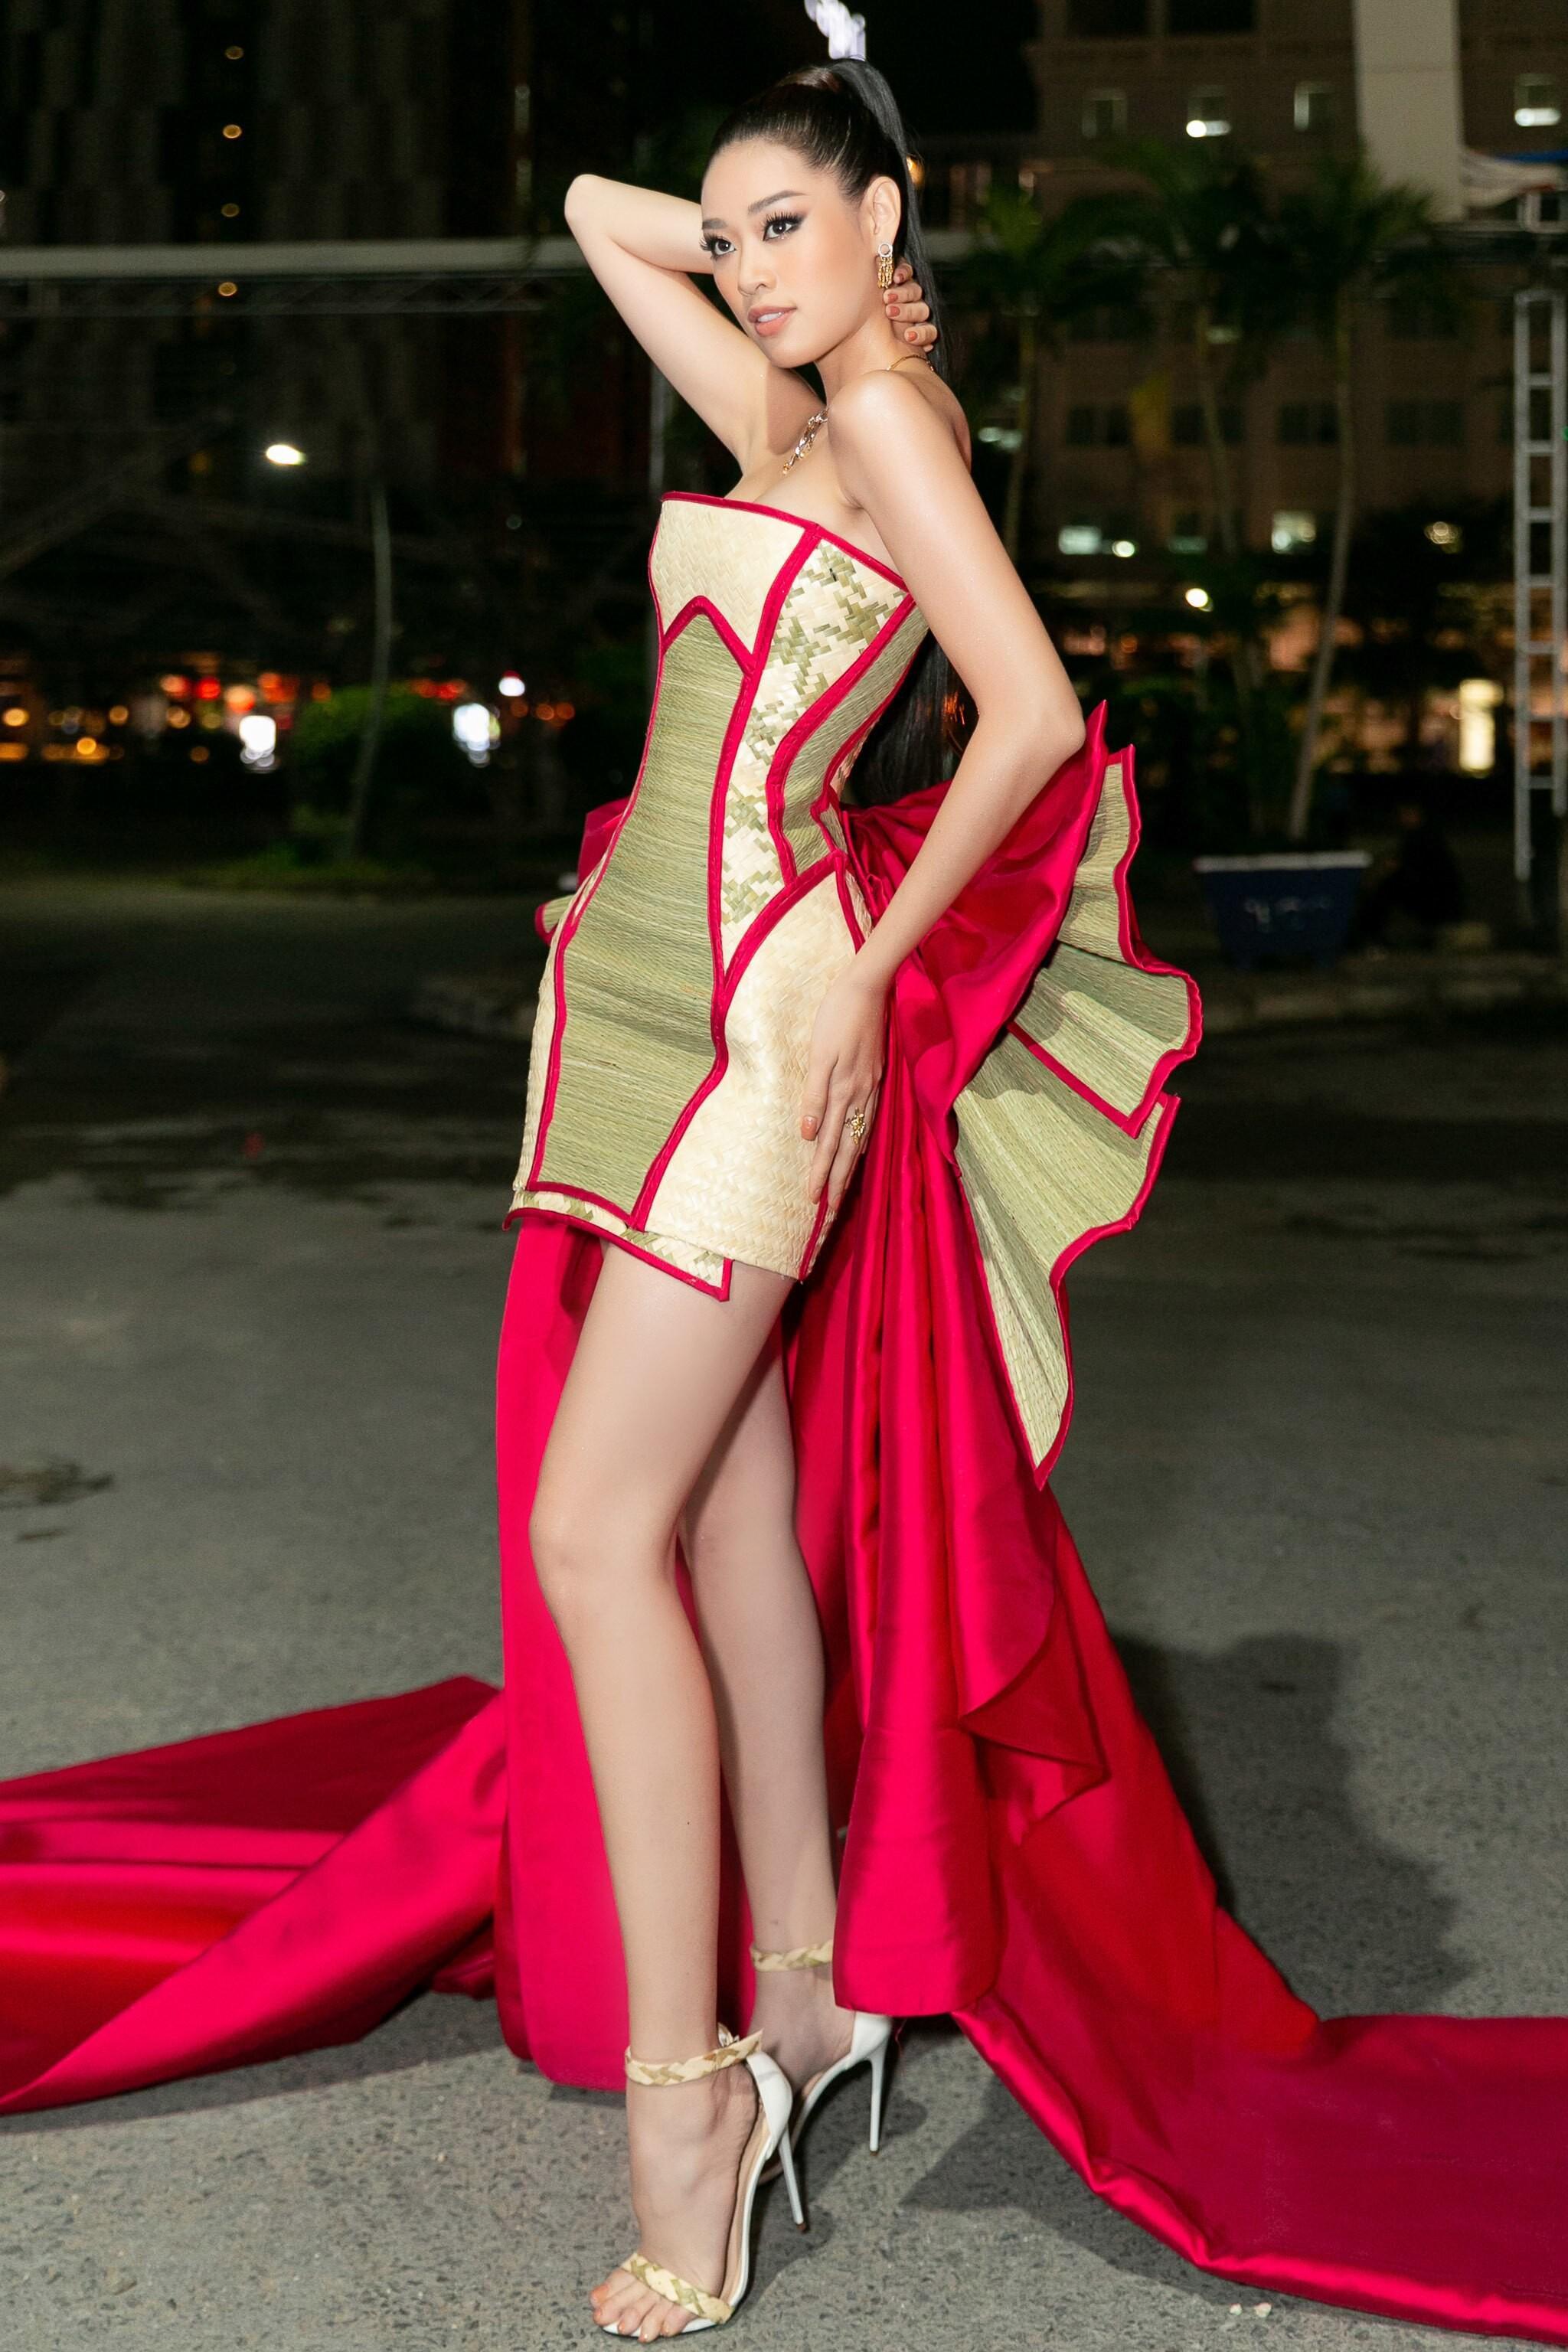 Hoa hậu Khánh Vân mang cả 'làng chiếu cói' lên thảm đỏ Ảnh 8